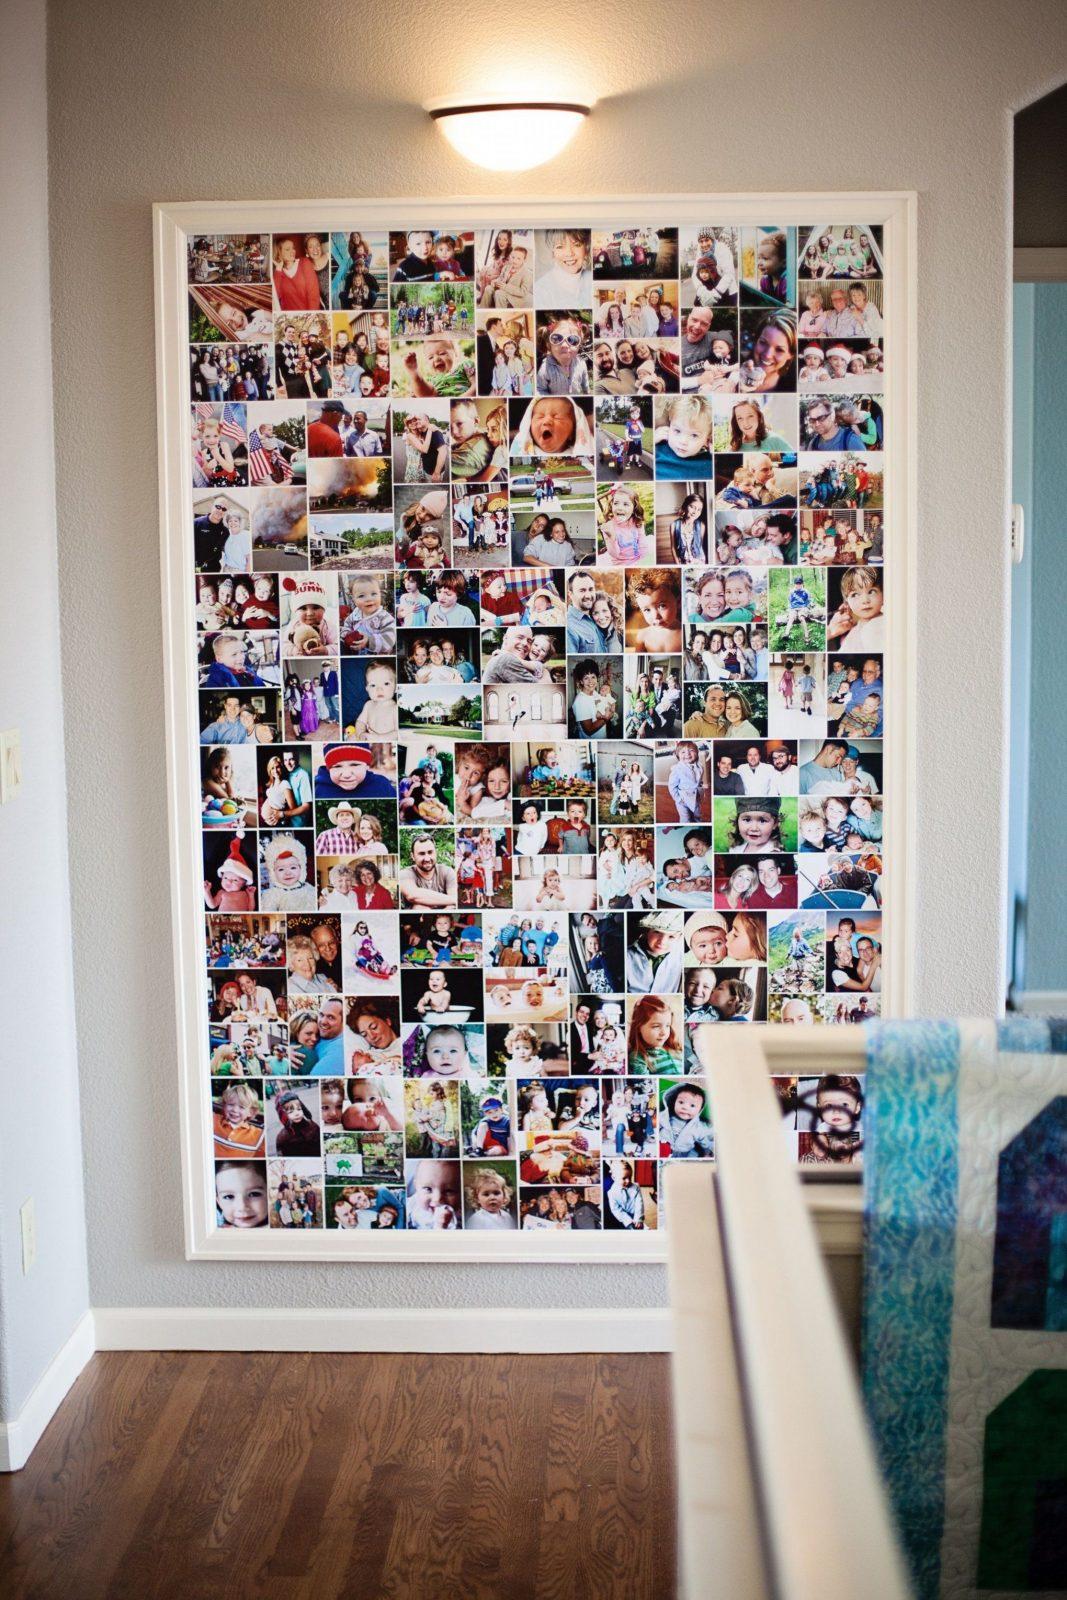 Fotos Fotocollage Im Riesenbilderrahmen Für Schöne Erinnerungen von Fotocollage Auf Leinwand Selber Machen Photo